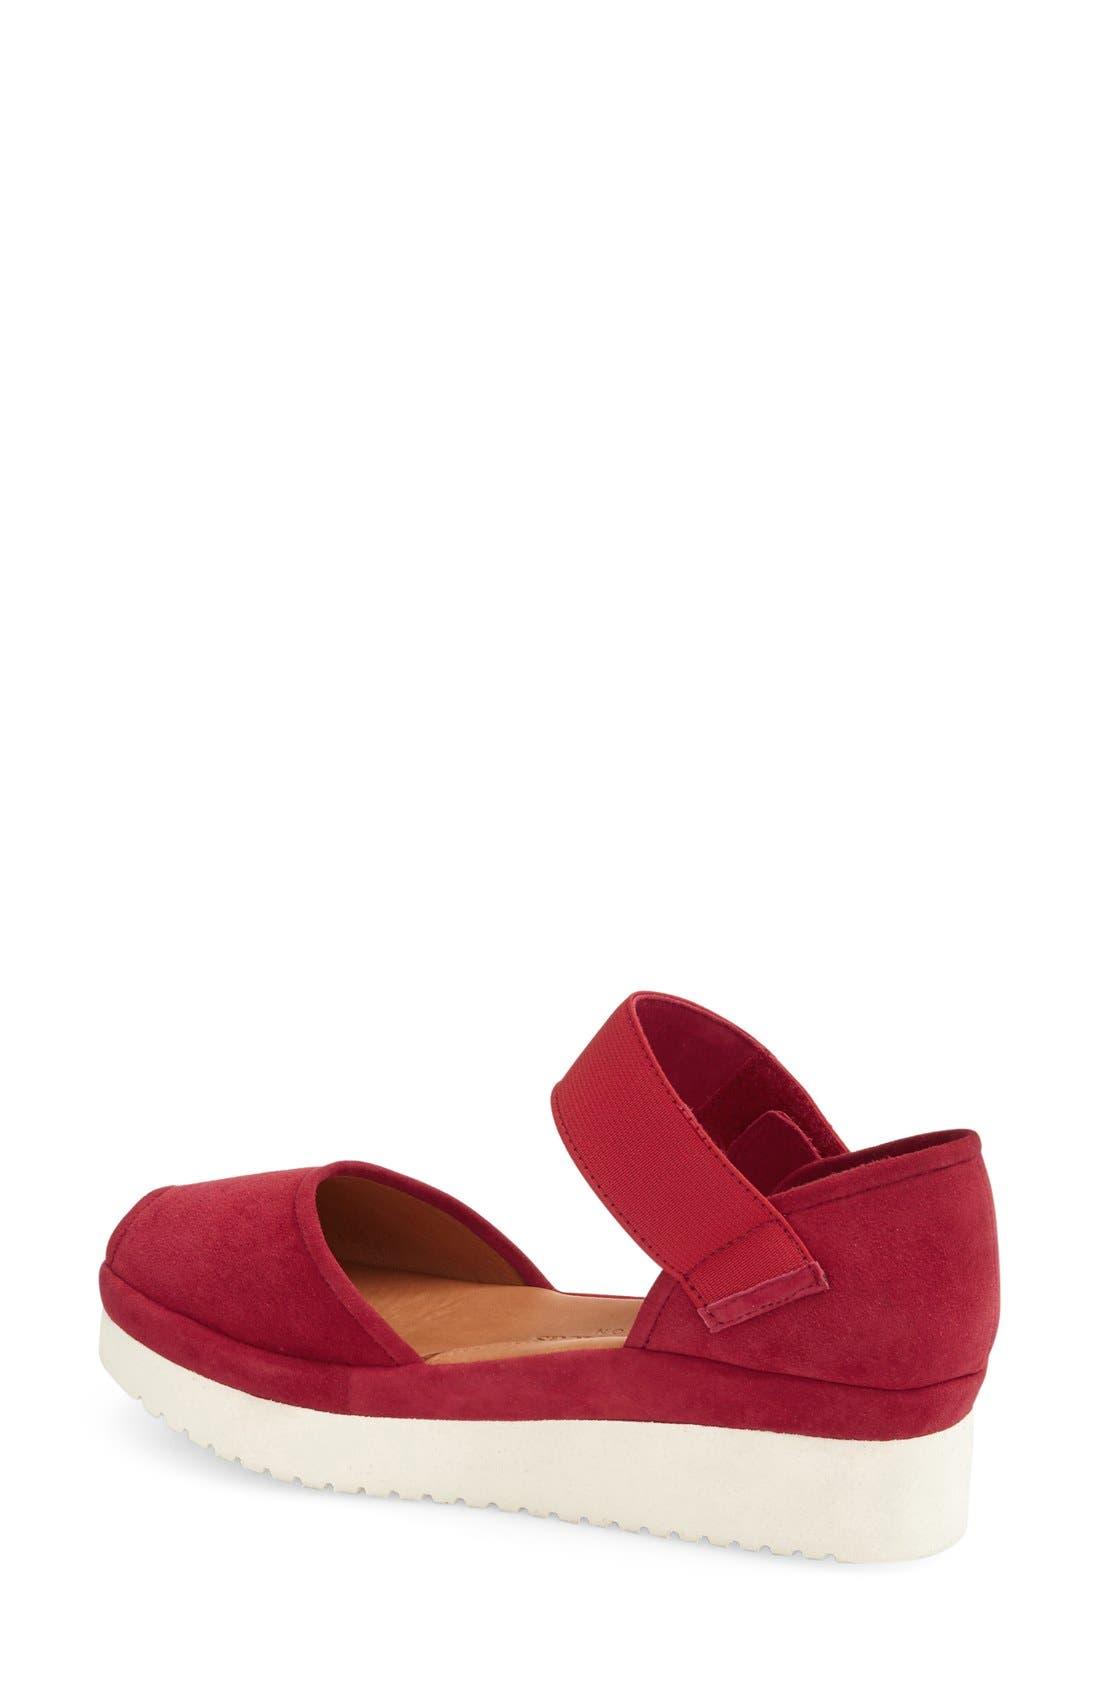 'Amadour' Platform Sandal,                             Alternate thumbnail 25, color,